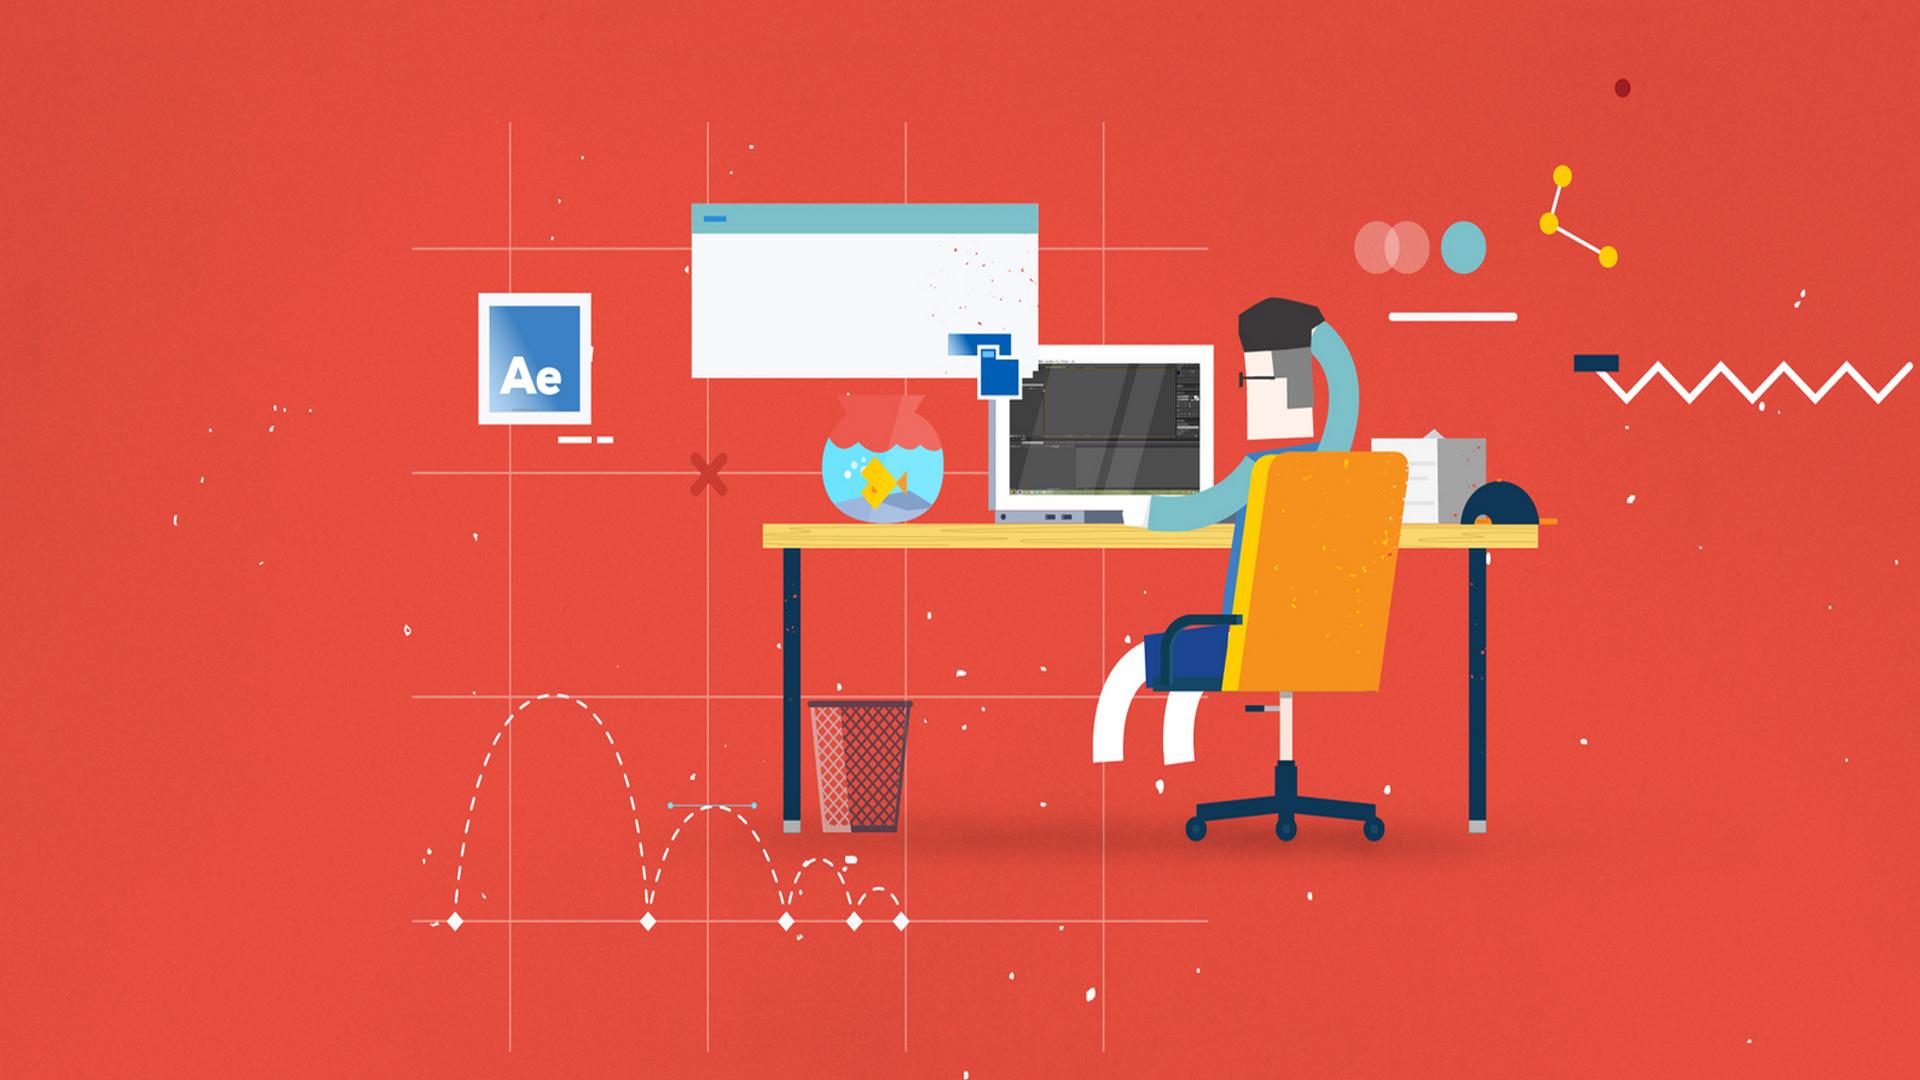 5 шагов по внедрению моушен-дизайна в вашу дизайн-систему | uxpub